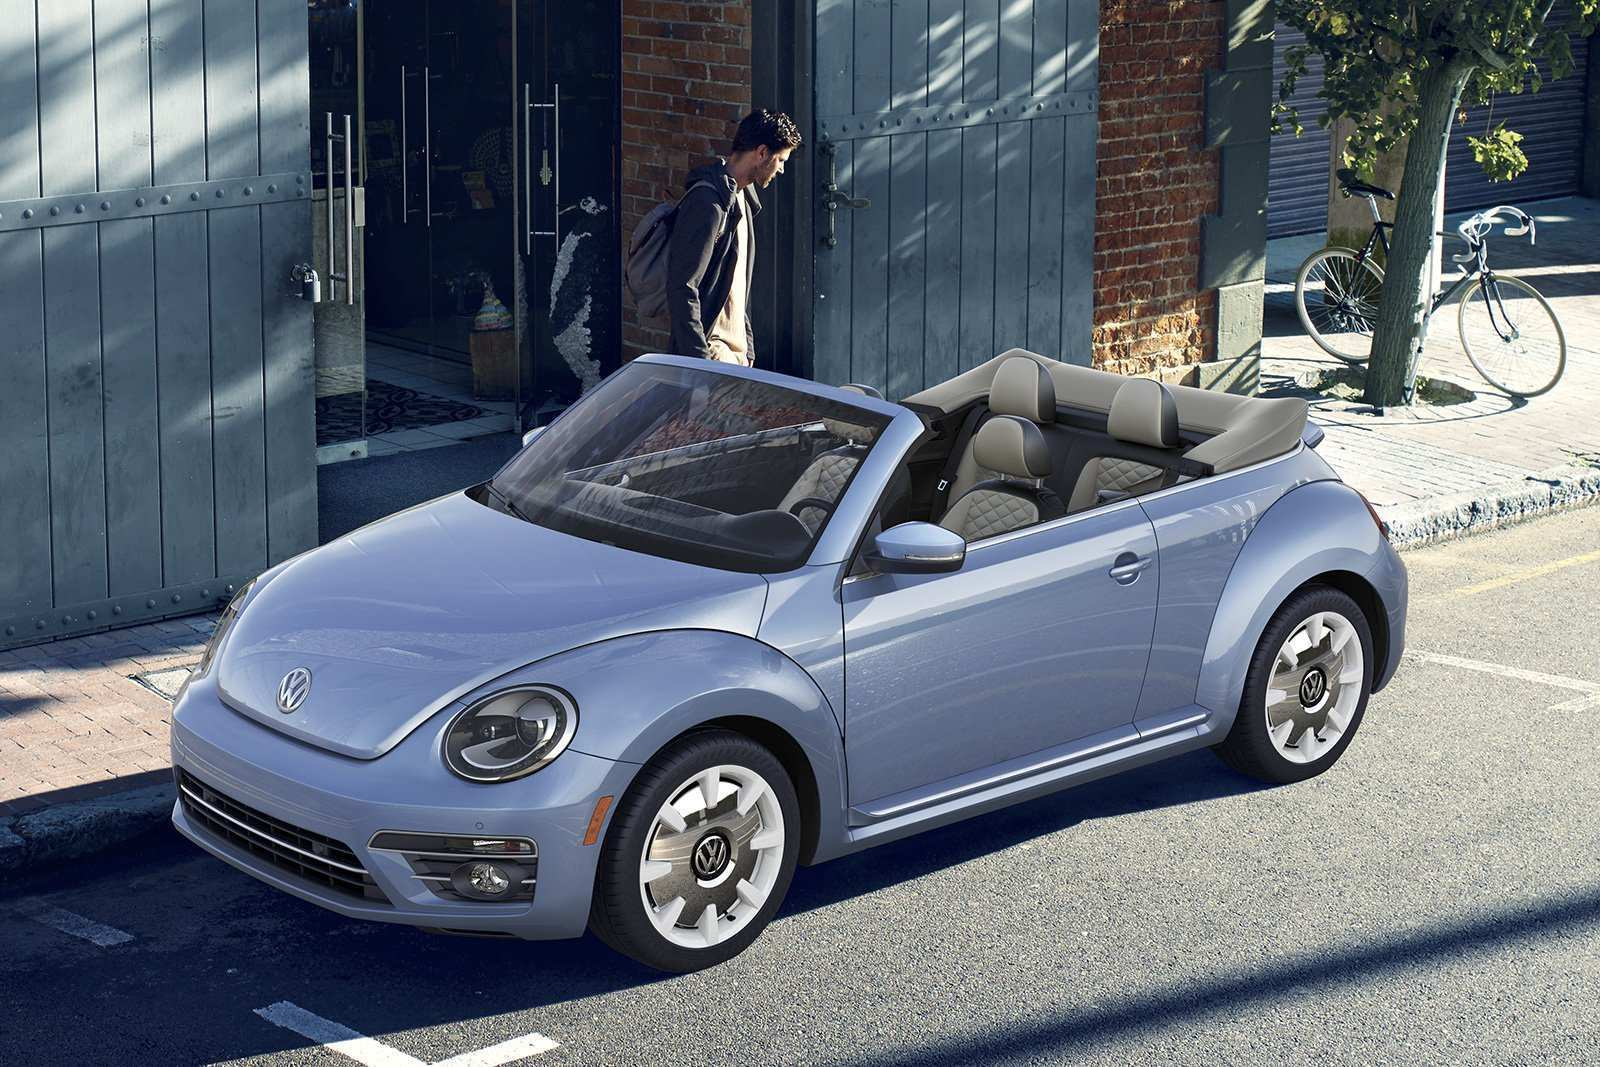 63 Great Best Volkswagen Beetle Convertible 2019 New Review Concept by Best Volkswagen Beetle Convertible 2019 New Review